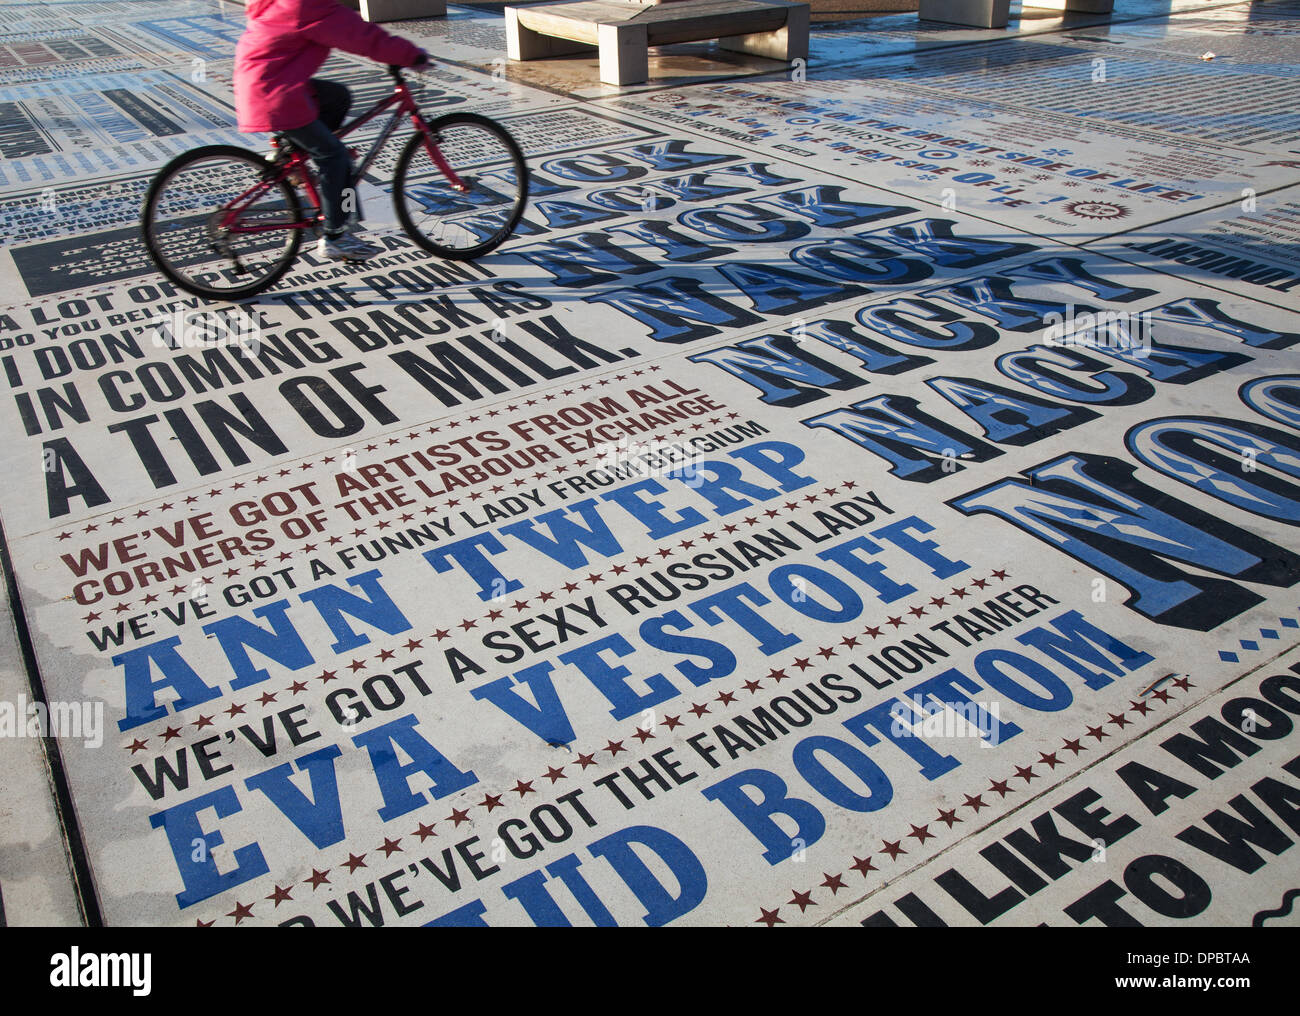 Blackpool, Lancashire, UK 11. Januar 2014. Vorsaison-Urlauber genießen die Humor und Schlagworte in der Comedy-Pflaster auf Blackpool Promenade, Feier der Komödie über einen außerordentlichen Umfang geprägt. Unter Bezugnahme auf die Arbeit von mehr als 1.000 Komiker und Comedy-Autoren, gibt der Teppich visuelle Form Witze, Lieder und Schlagworte aus den frühen Tagen der Vielfalt bis in die Gegenwart. Das Kunstwerk von 2.200 m 2 enthält über 160.000 Granit Buchstaben eingebettet in Beton, die Grenzen der Kunst im öffentlichen Raum und Typografie an ihre Grenzen. Bildnachweis: Mar Photographics/Alamy Live-Nachrichten. Stockbild